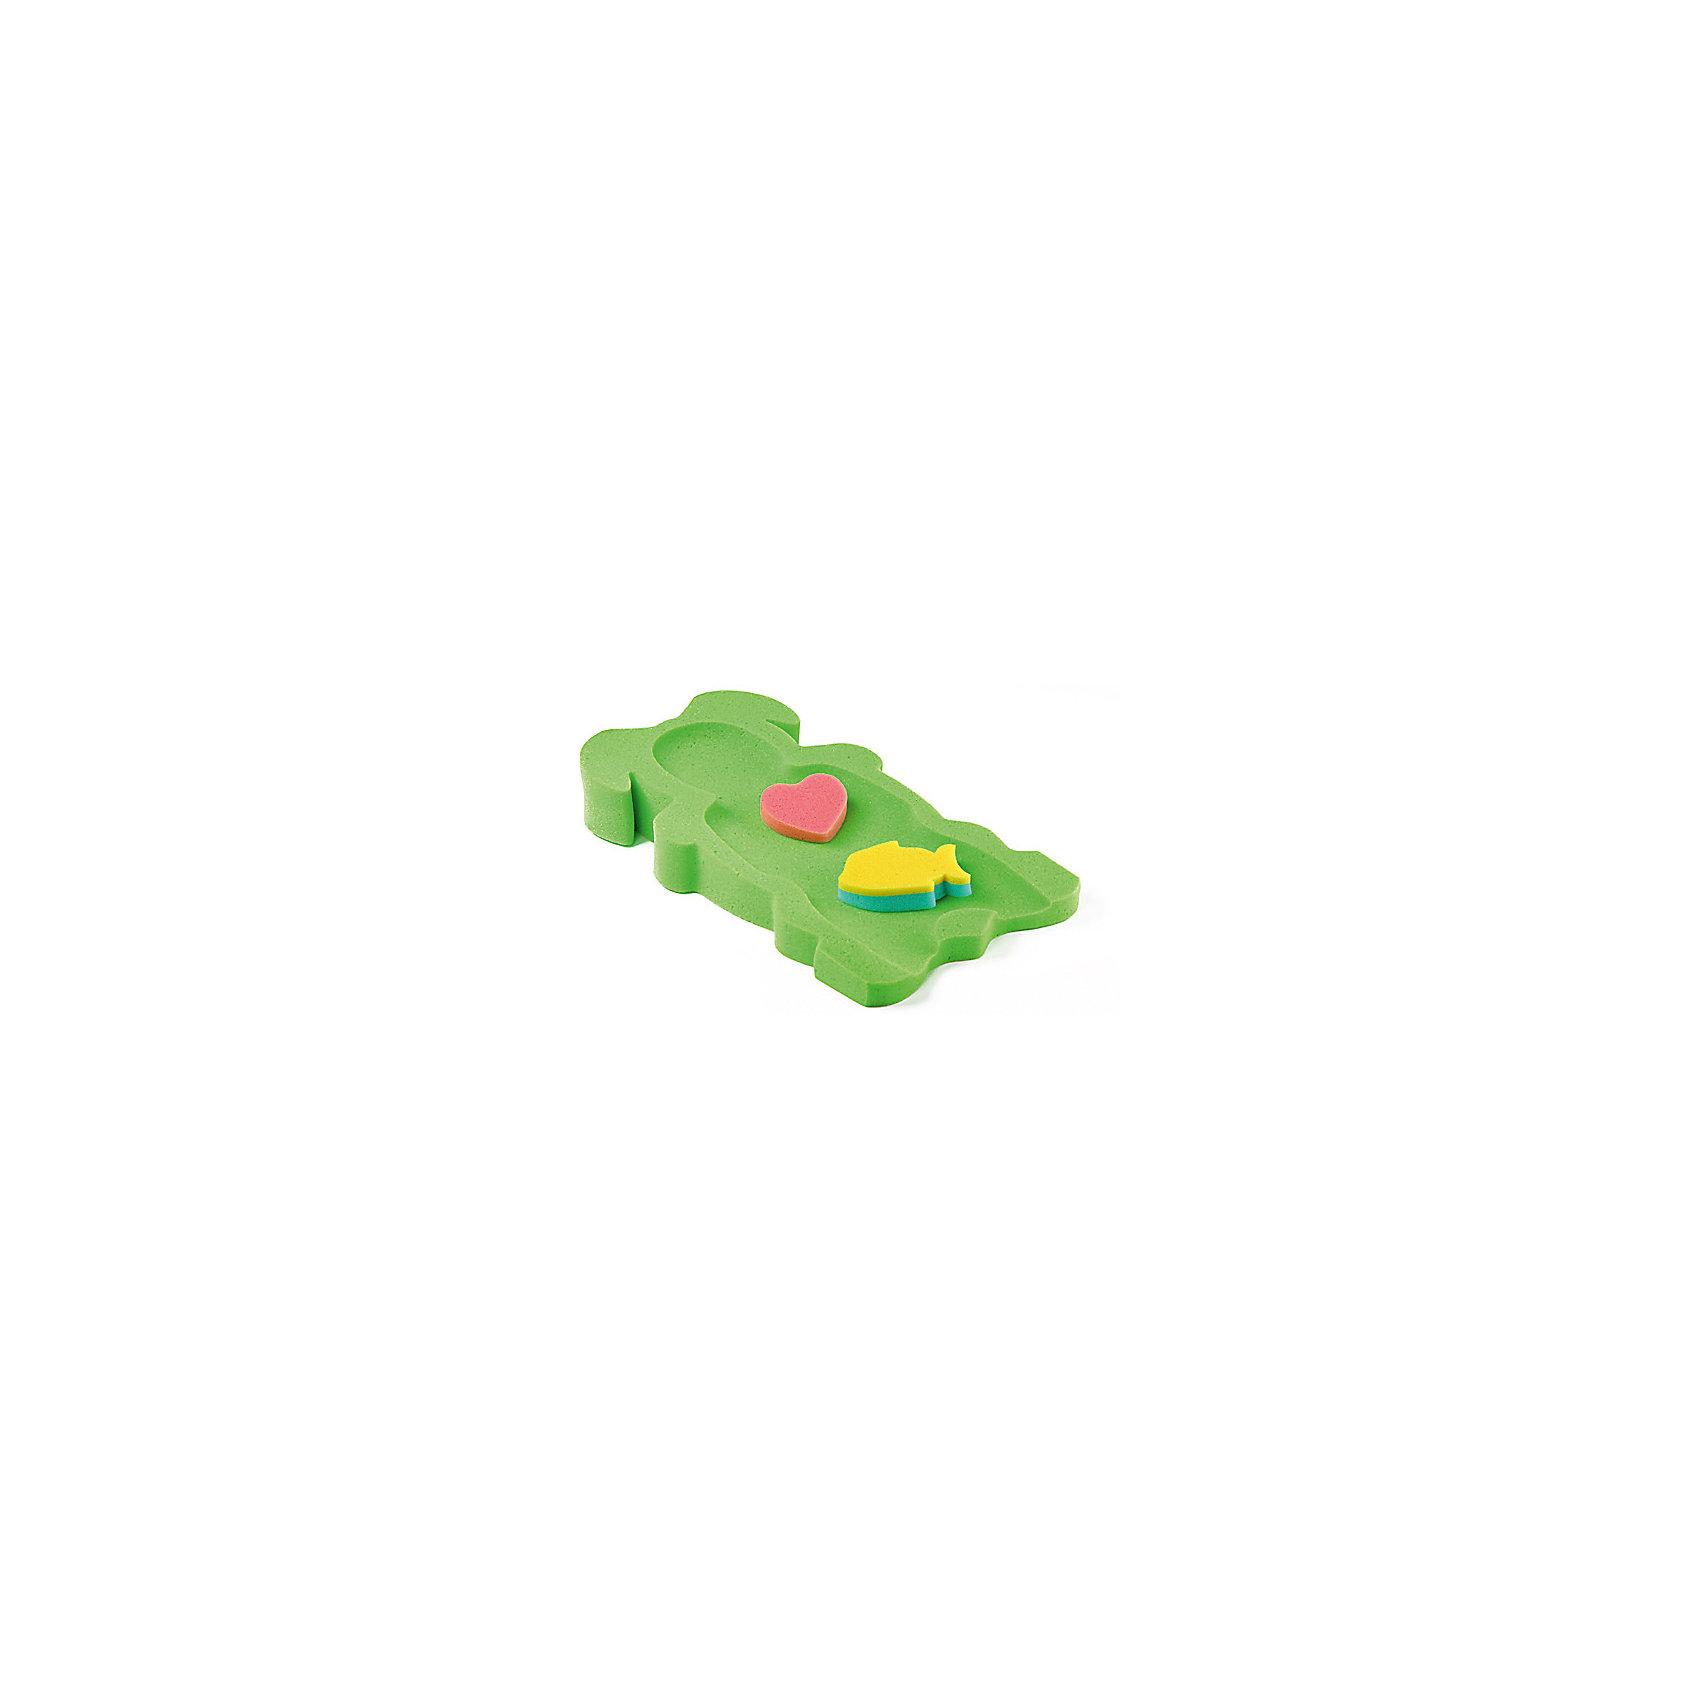 Tega Накладка в ванну Макси, Tega, в ассортименте сетка для игрушек в ванну купить в волгограде